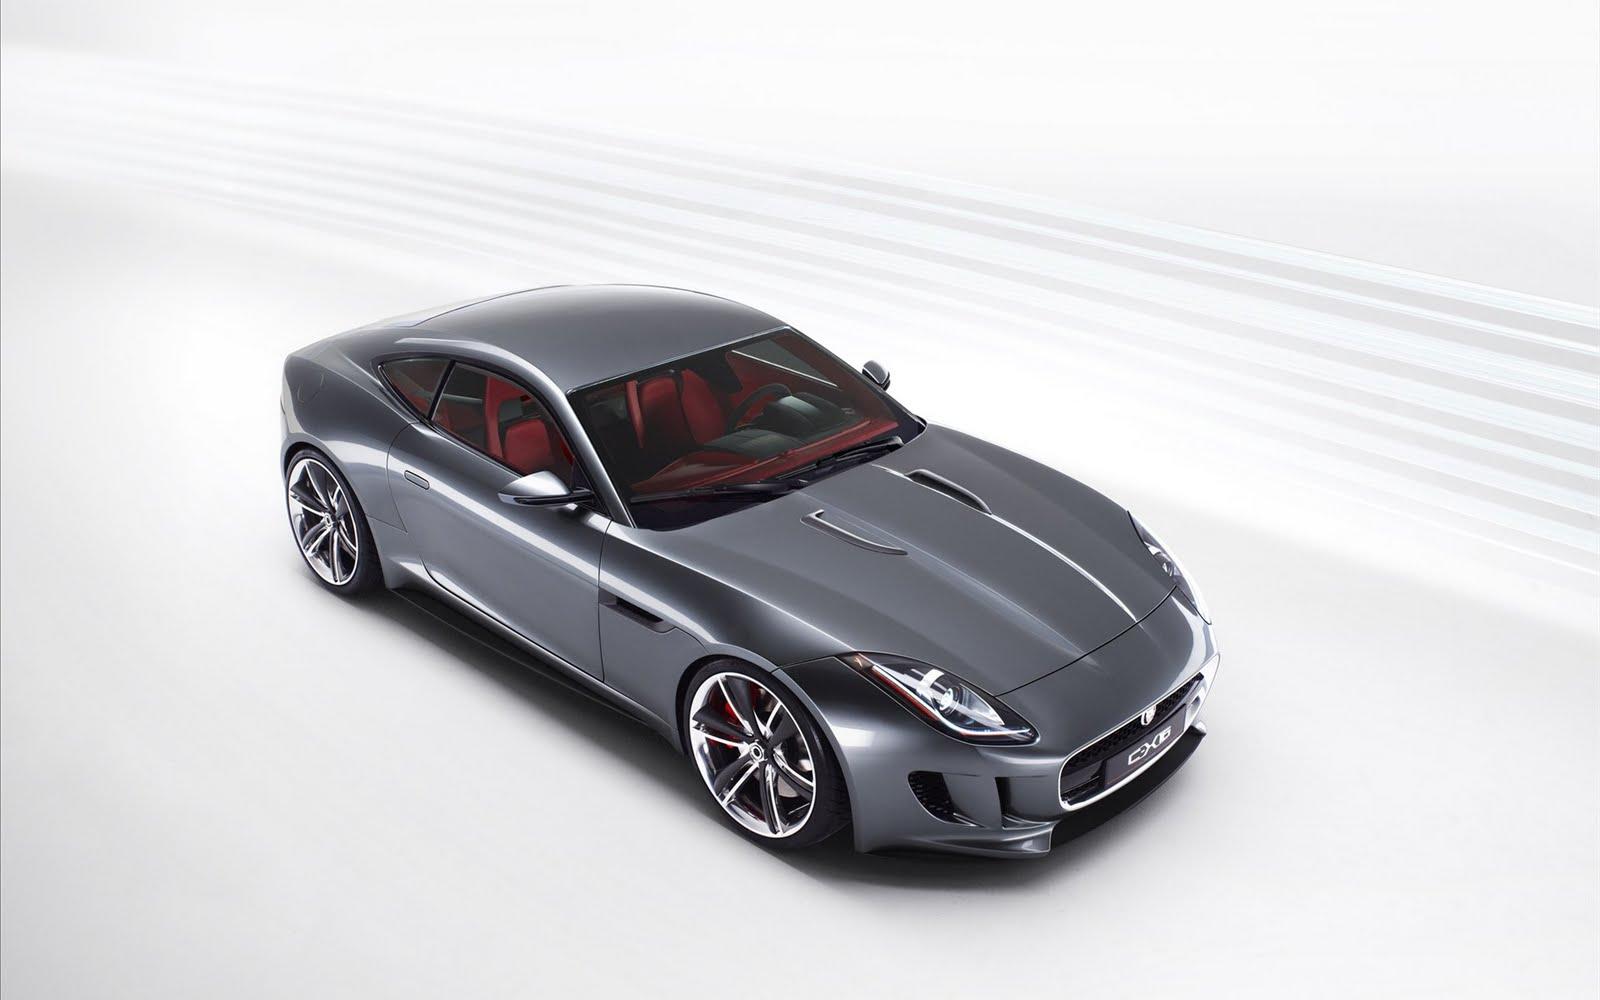 http://4.bp.blogspot.com/-byoOx4PwMVw/Tm4aNXBuXwI/AAAAAAAABAM/Vj1zM3ho1Nk/s1600/Jaguar-C-X16-Concept-2011-widescreen-10.jpg